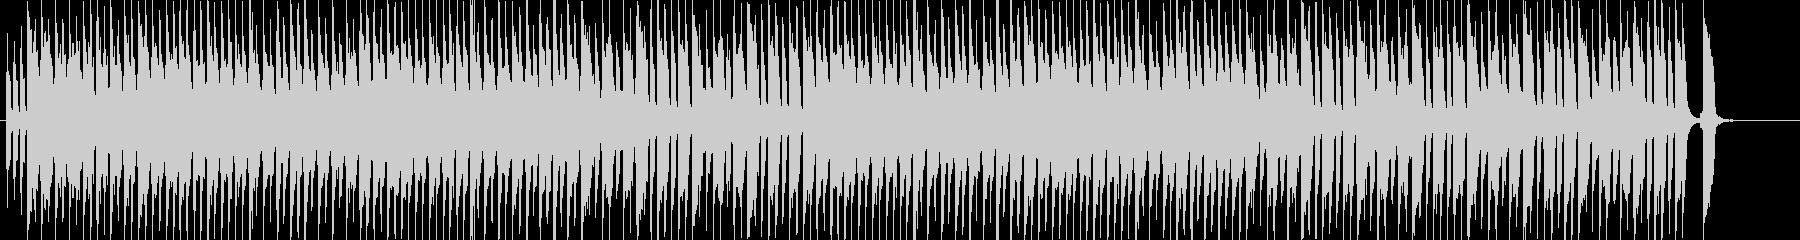 ドキドキ焦って可愛いBGM【ループ可】の未再生の波形